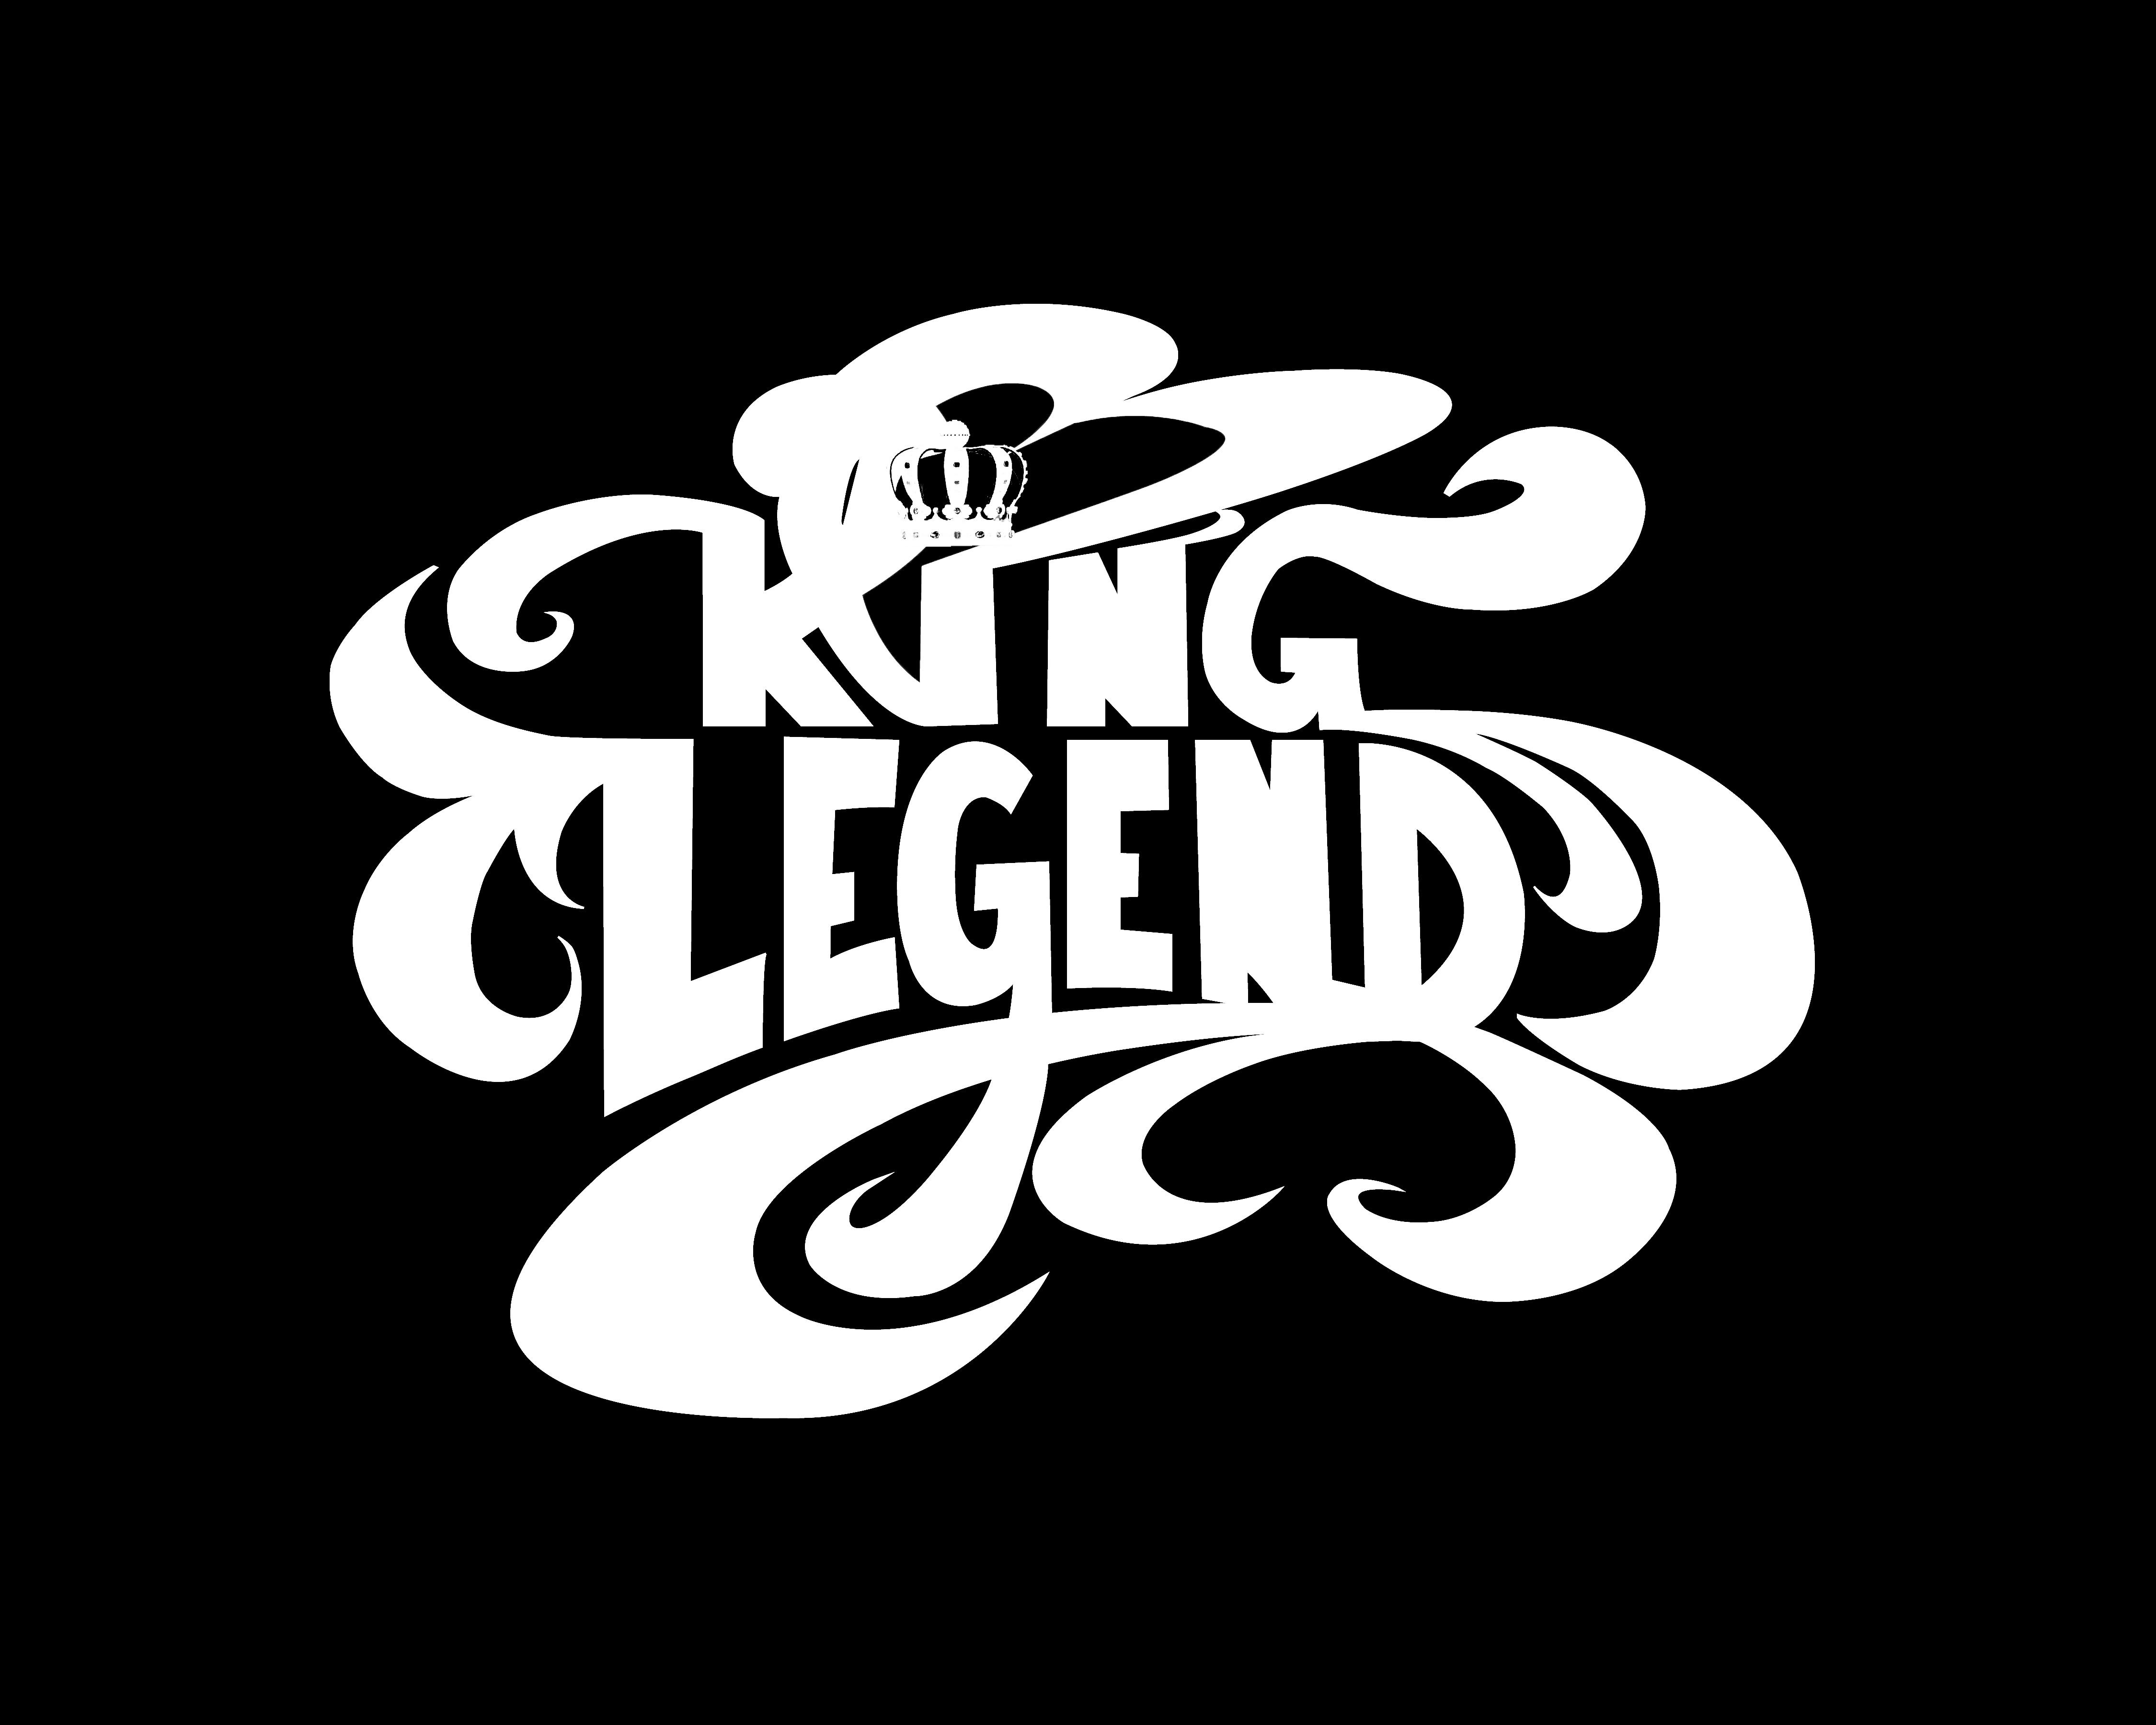 legend logos